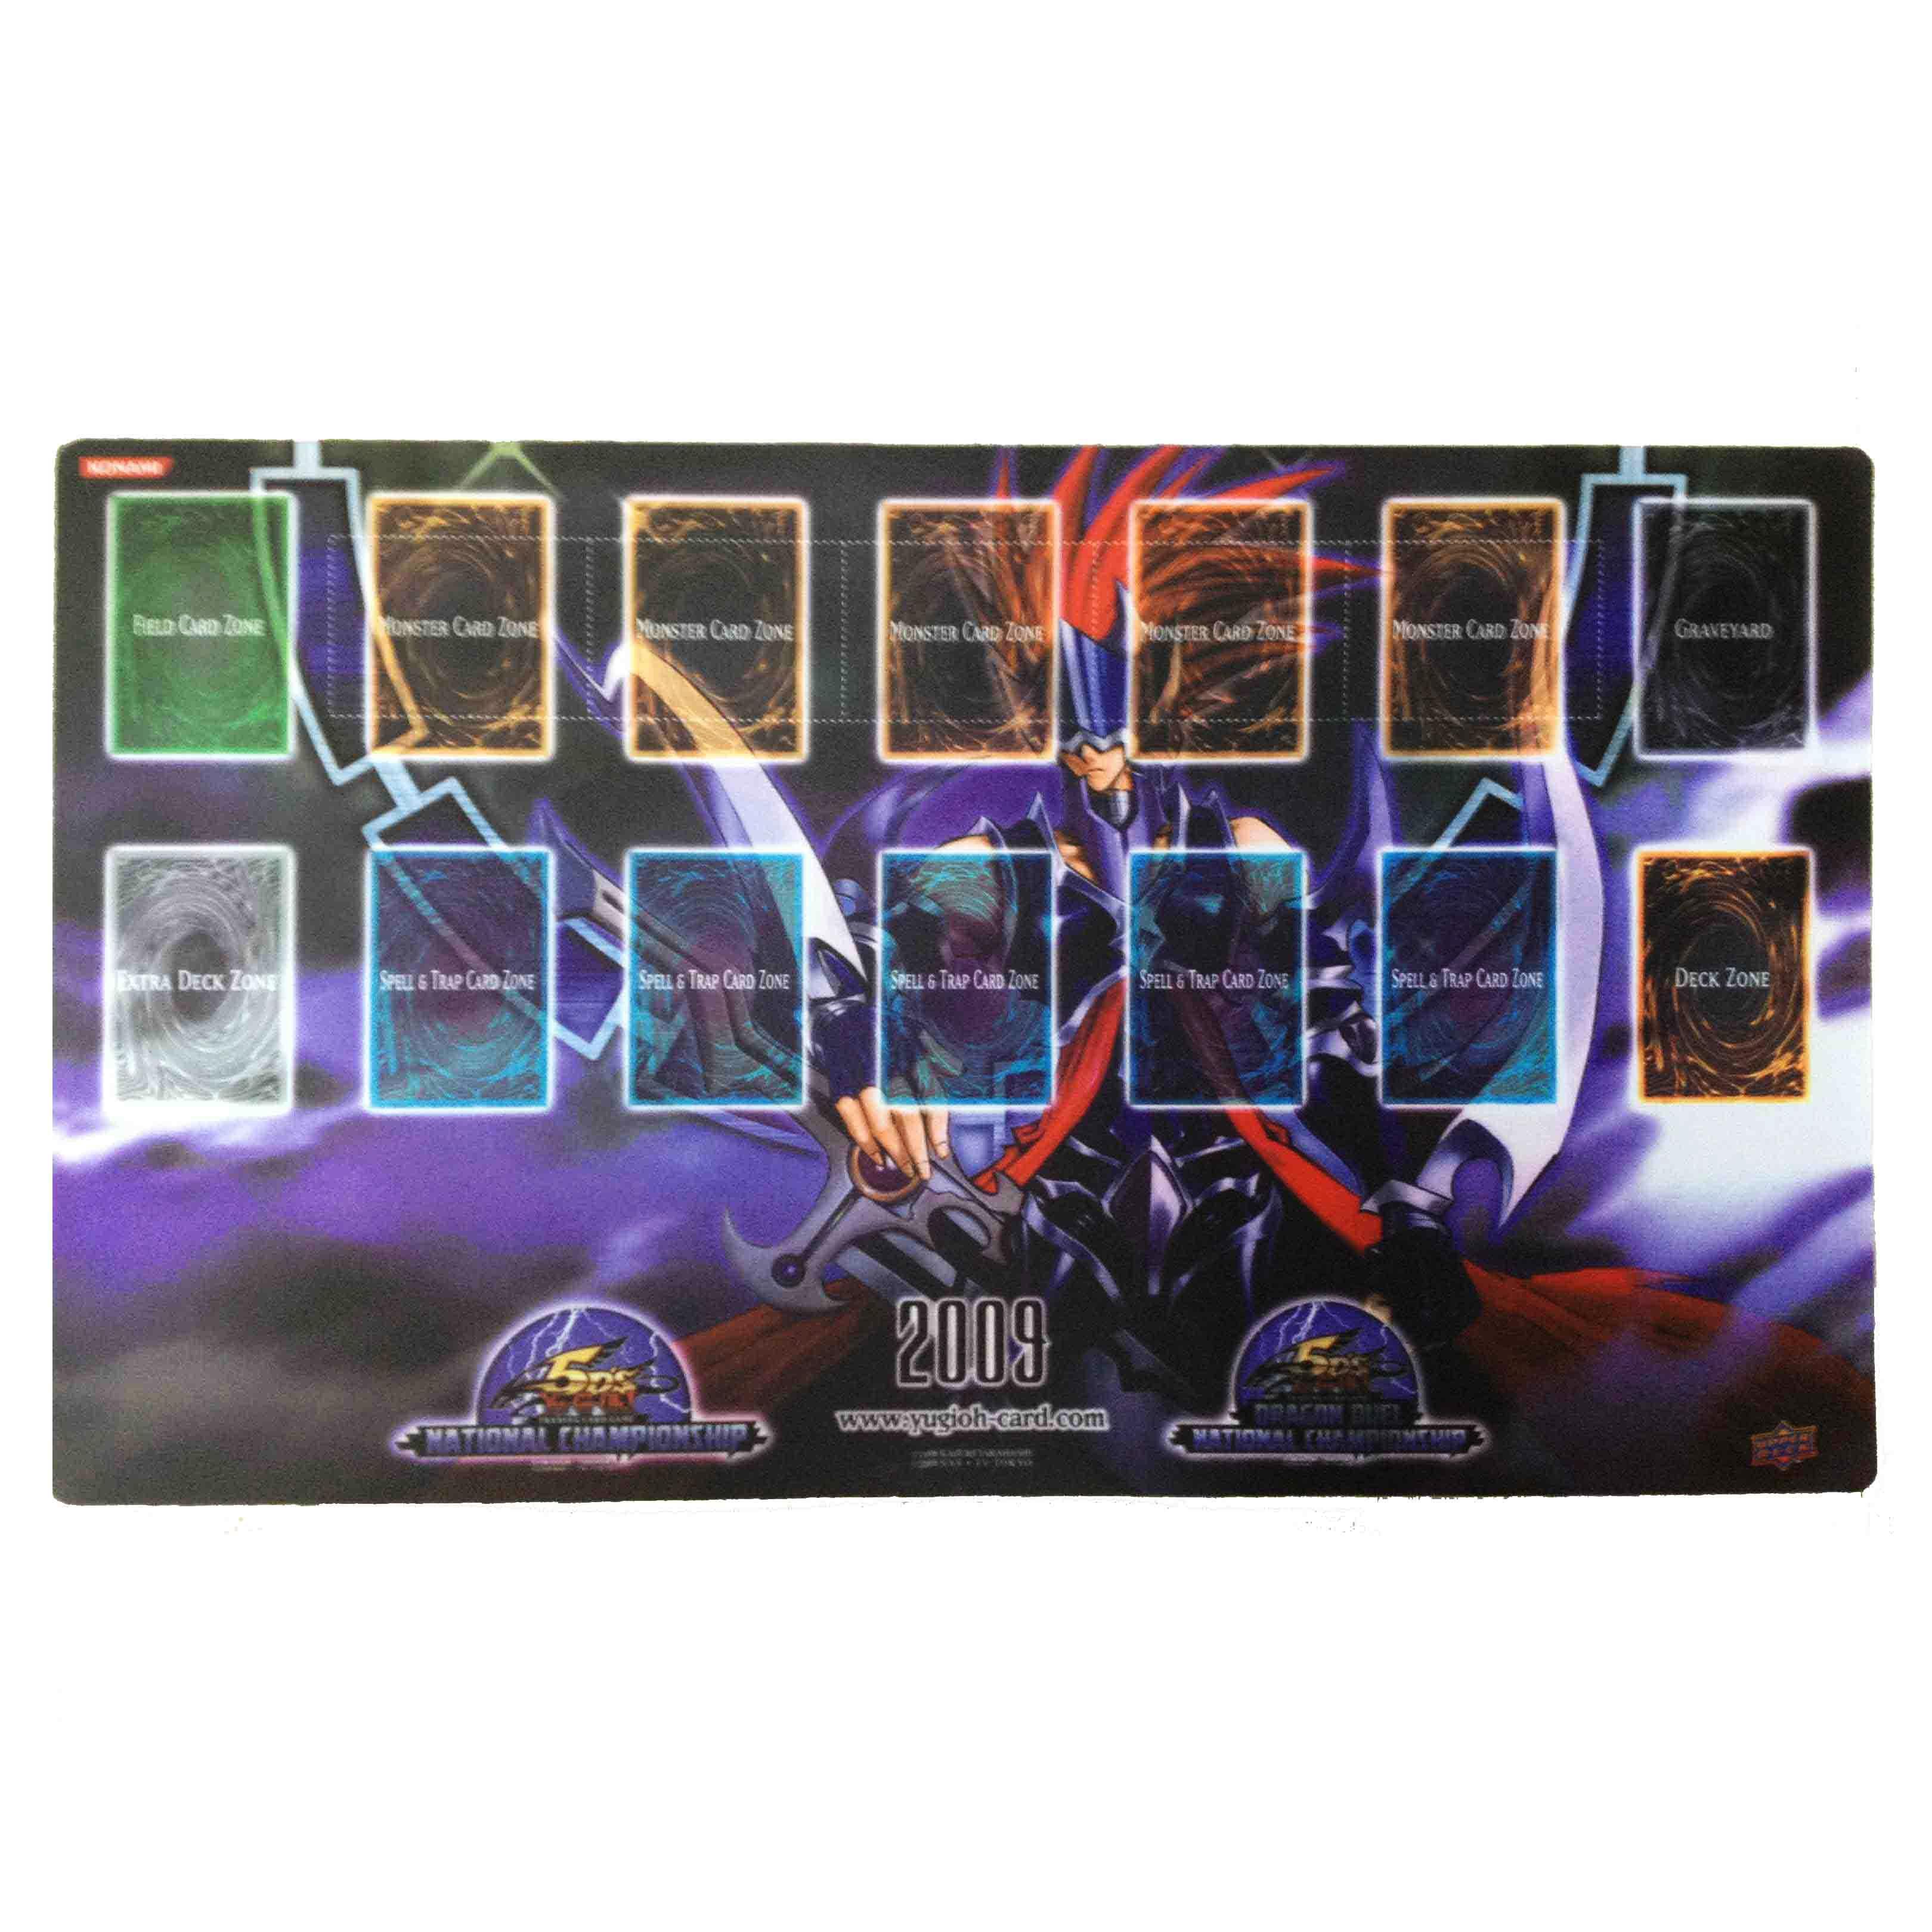 tapis de jeu personnalise pour jeux de cartes en caoutchouc buy tapis de jeu en caoutchouc tapis de jeu de cartes tapis de jeu de cartes product on